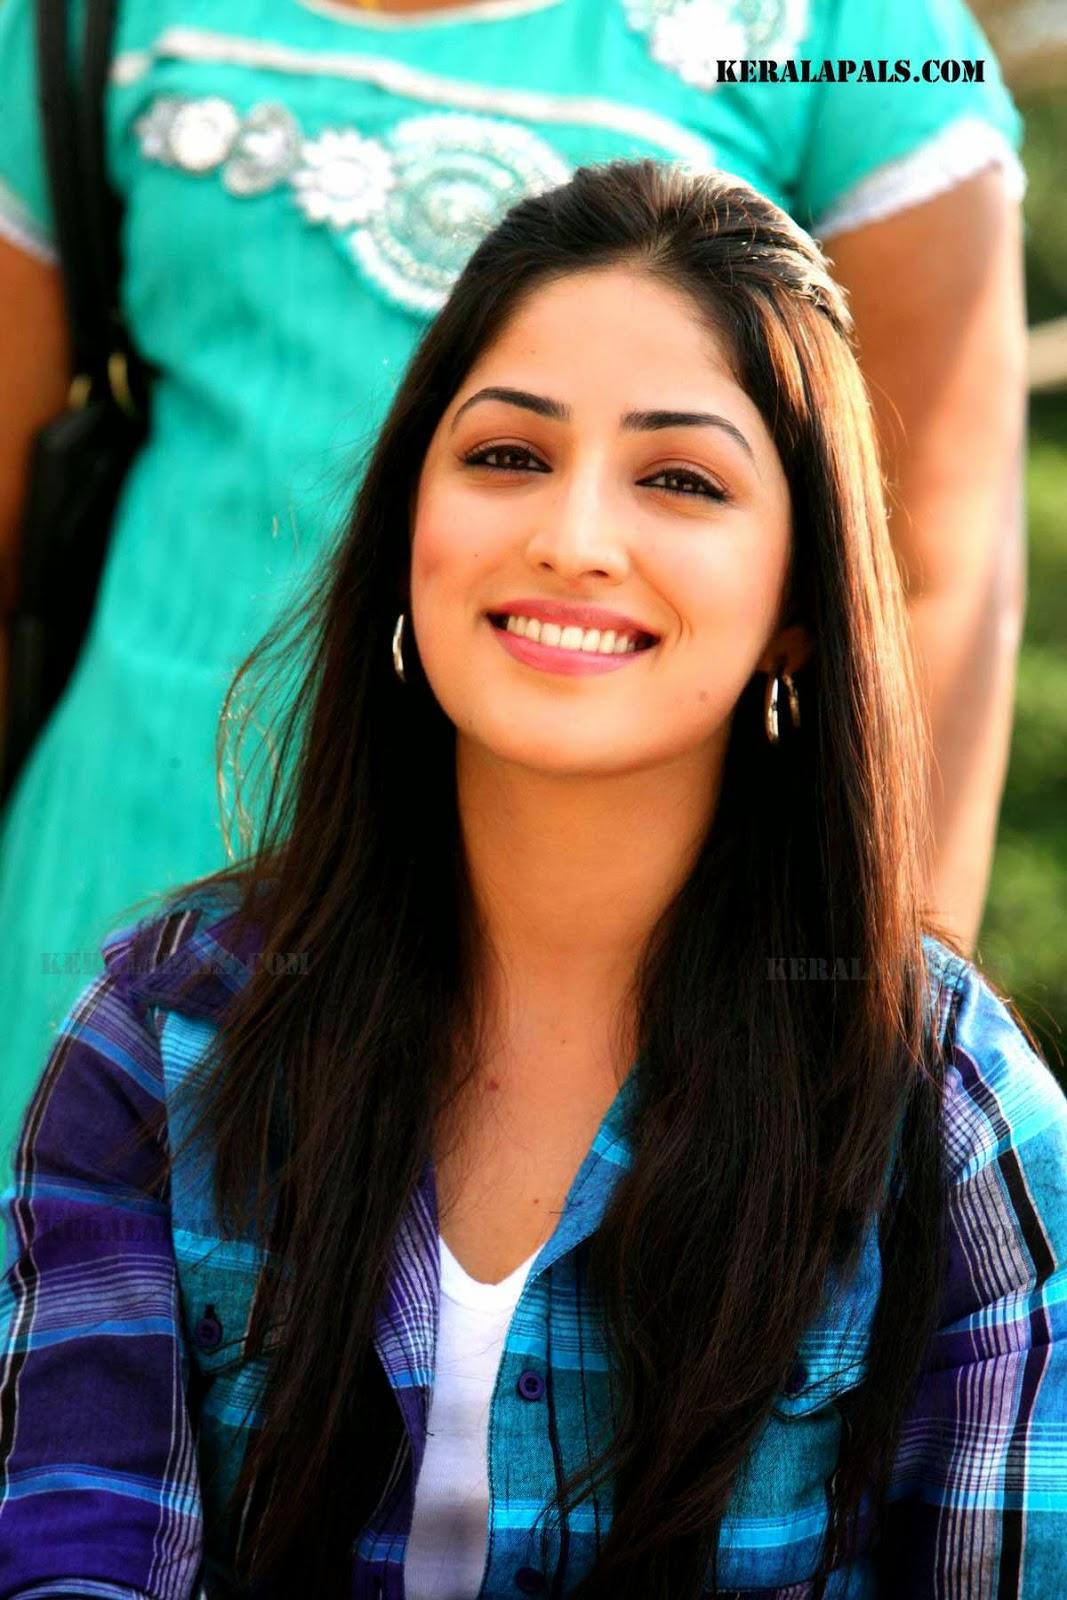 Bollywood Actresses: Yami Gautam